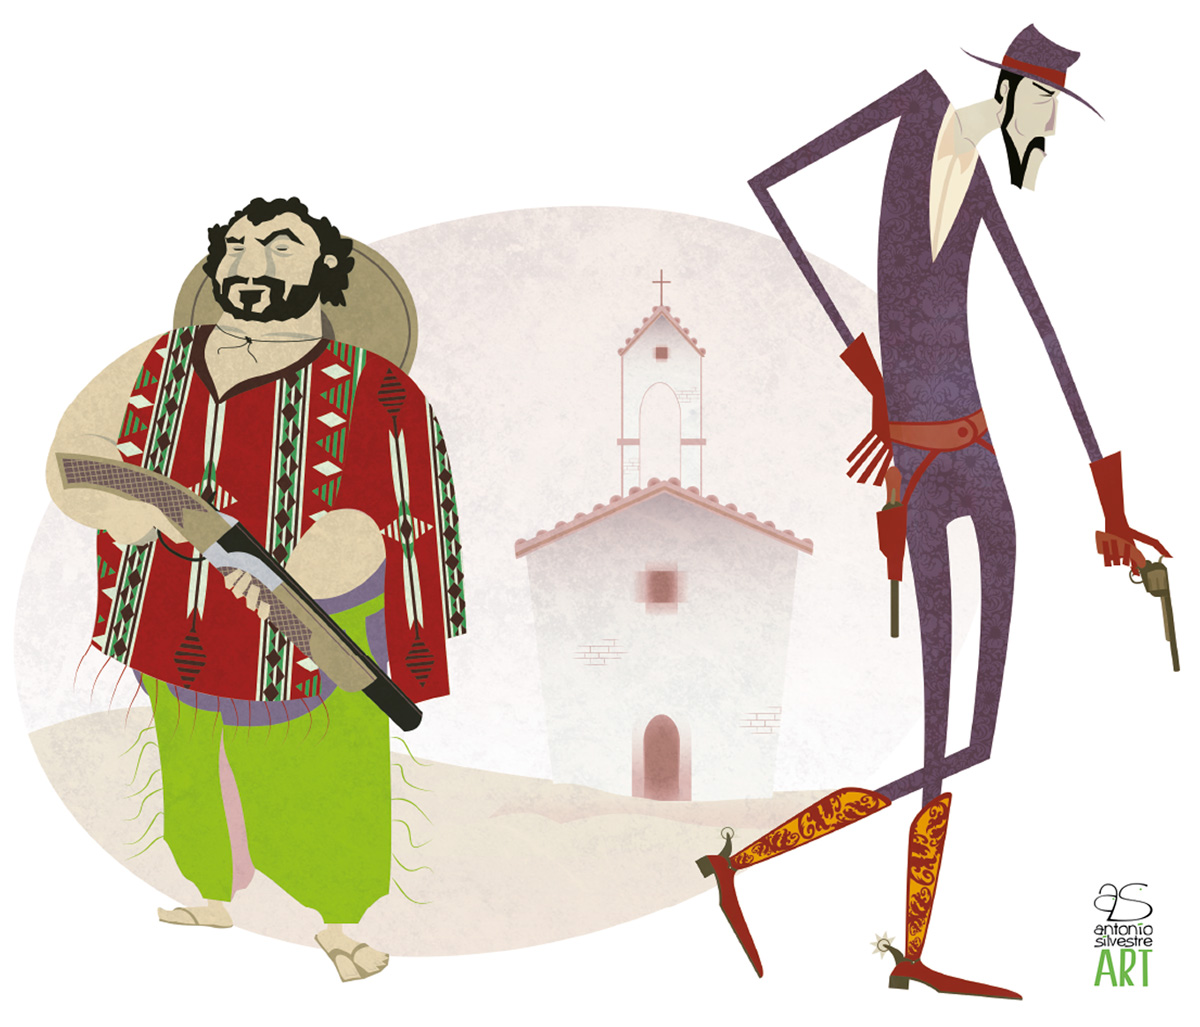 Vaqueros delante de iglesia ilustración